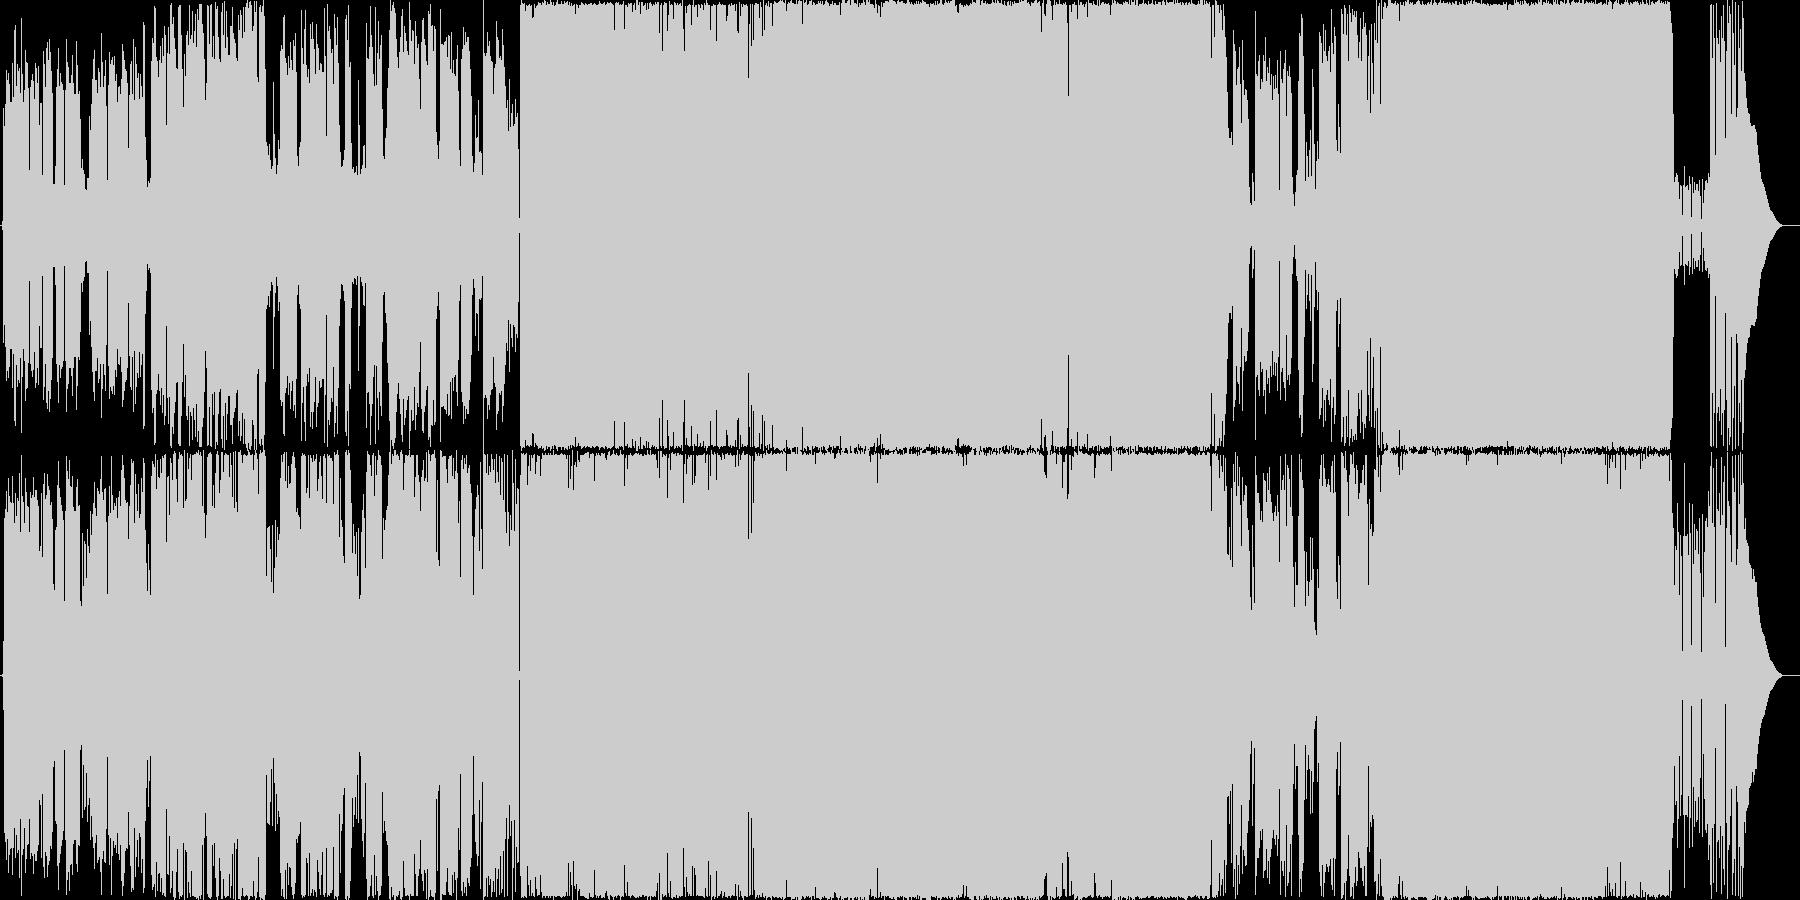 後半からバンドインする爽やかなロックの未再生の波形